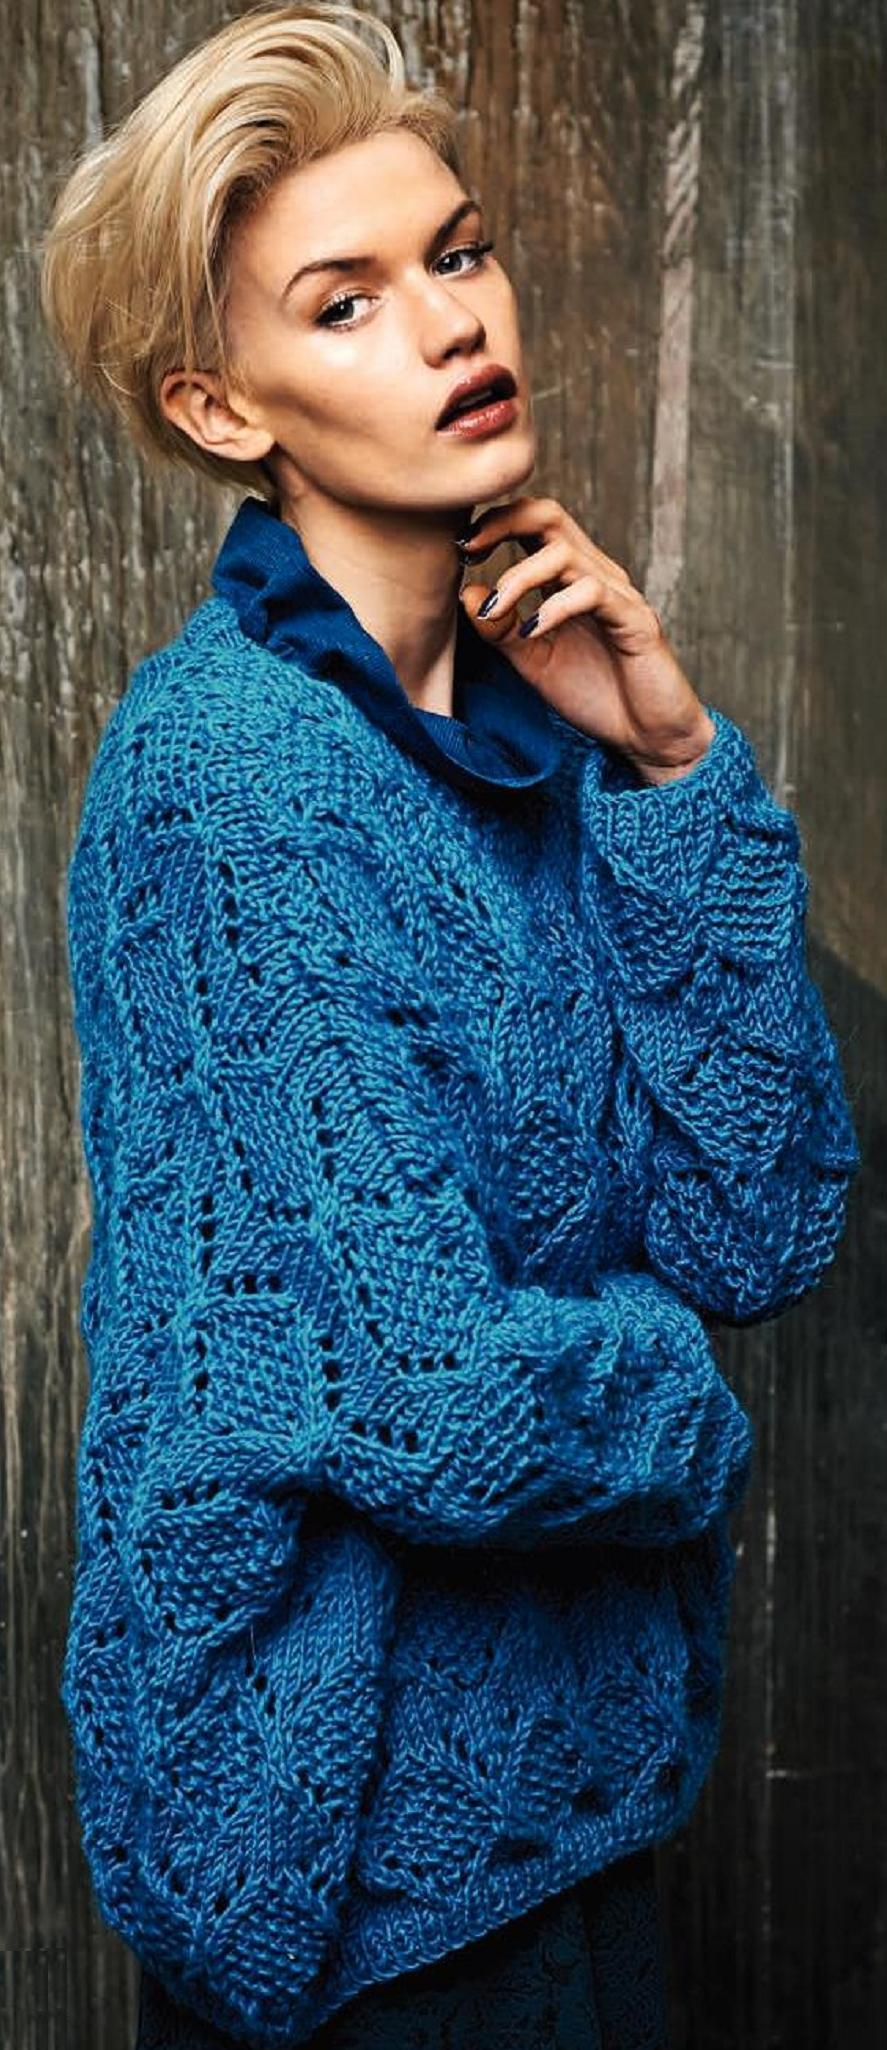 Объемный пуловер с рисунком из ромбов